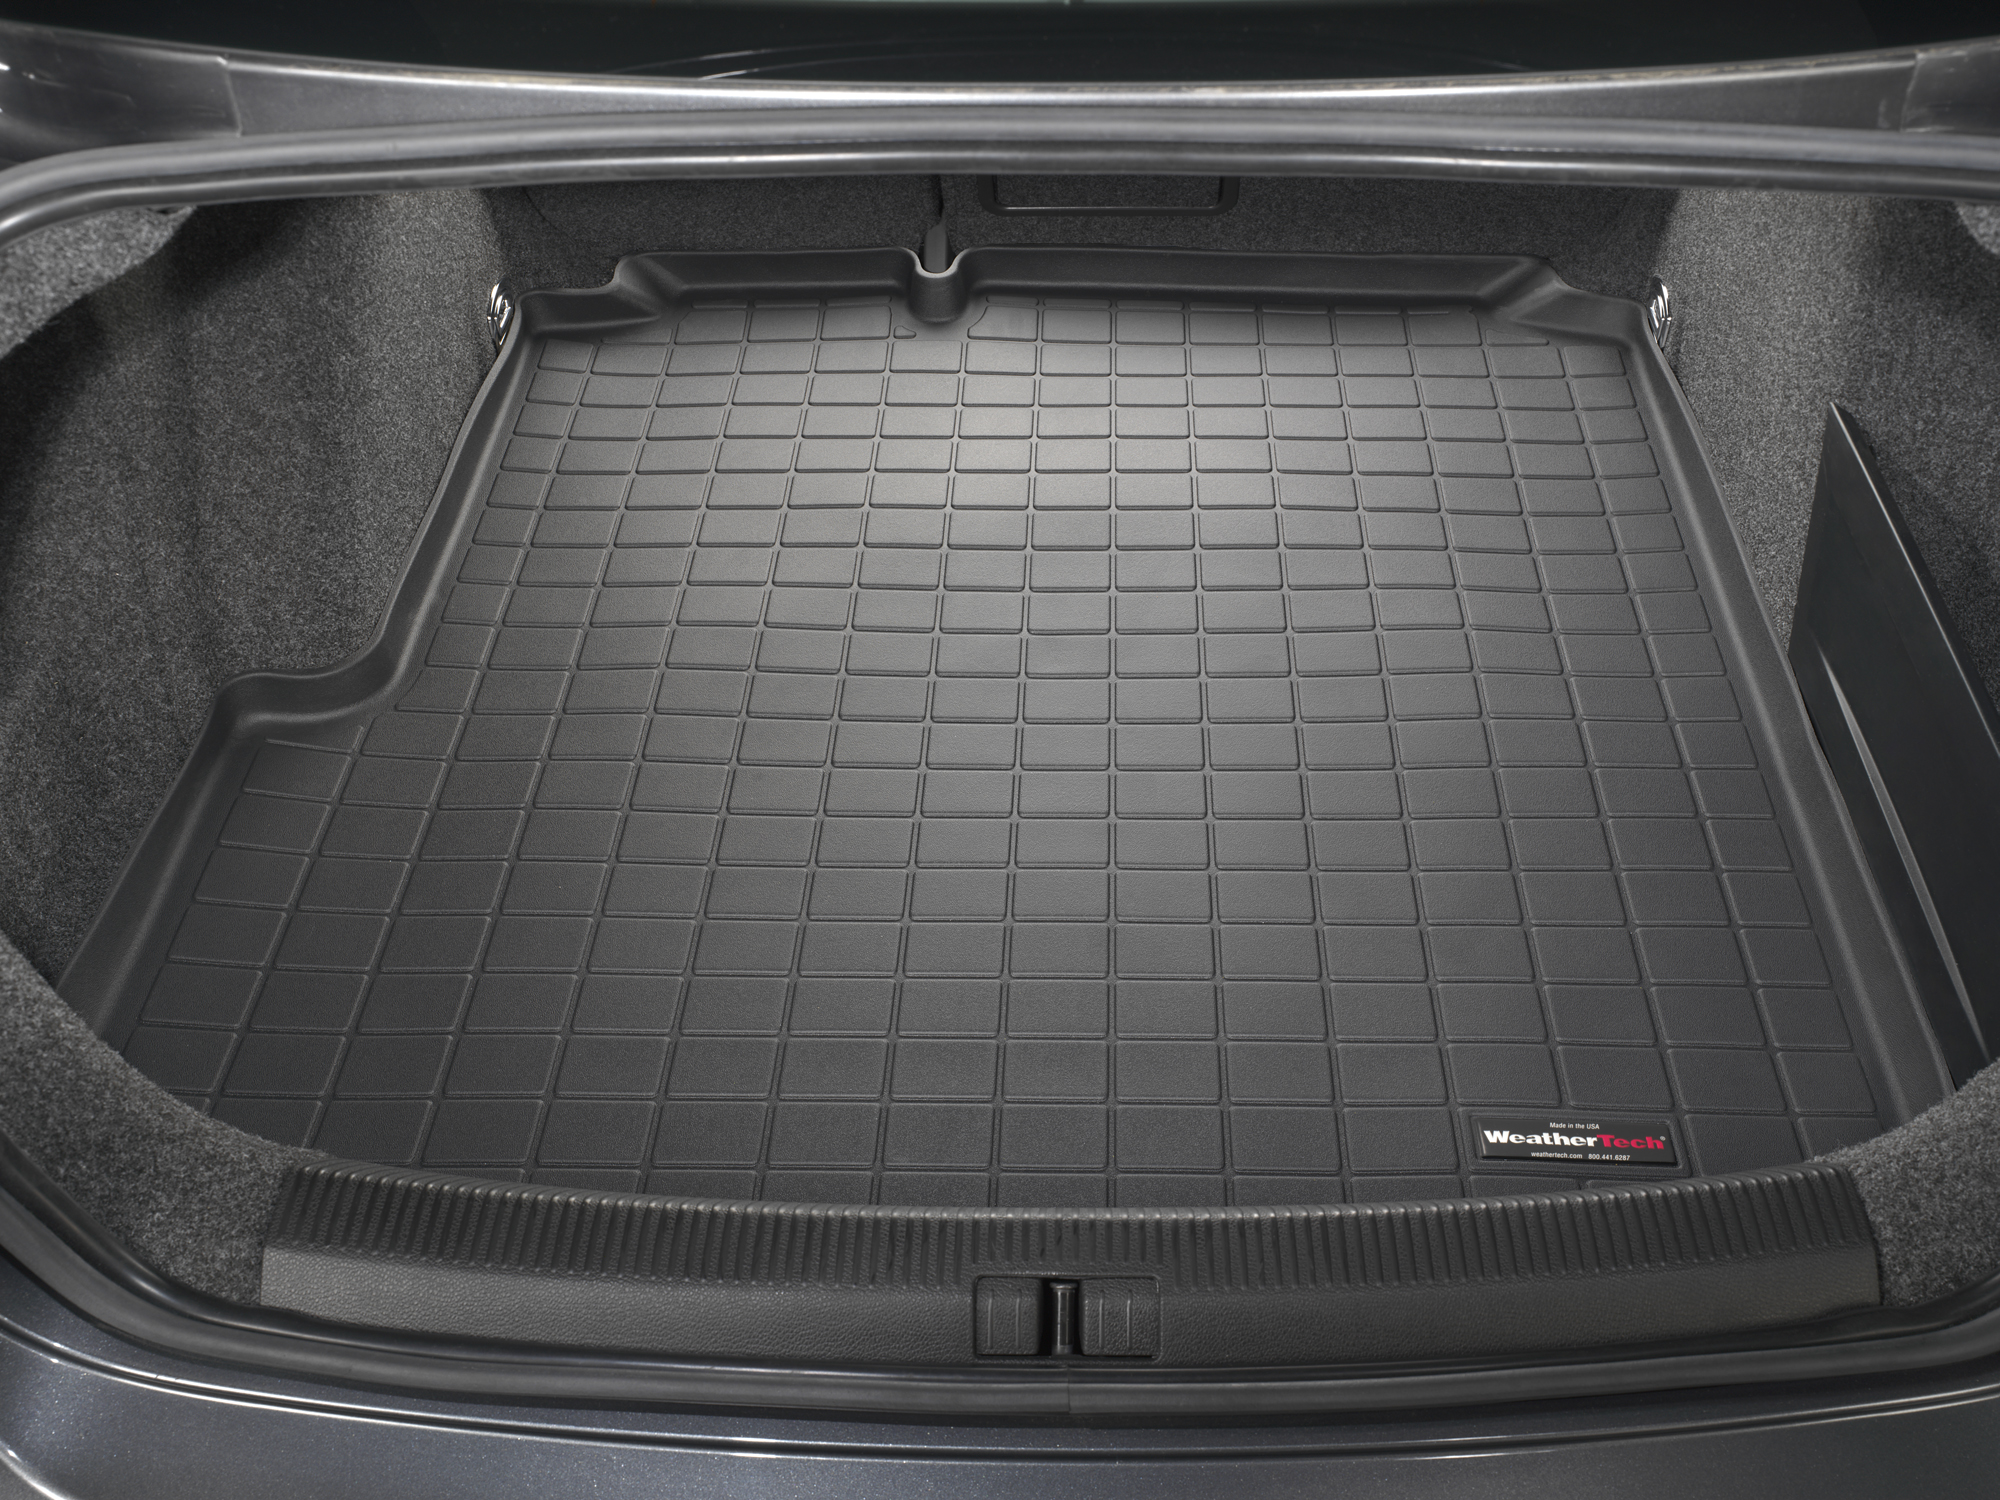 Volkswagen Jetta GLI 2006>2008 Vasca baule tappeto bagagliaio nero *1388